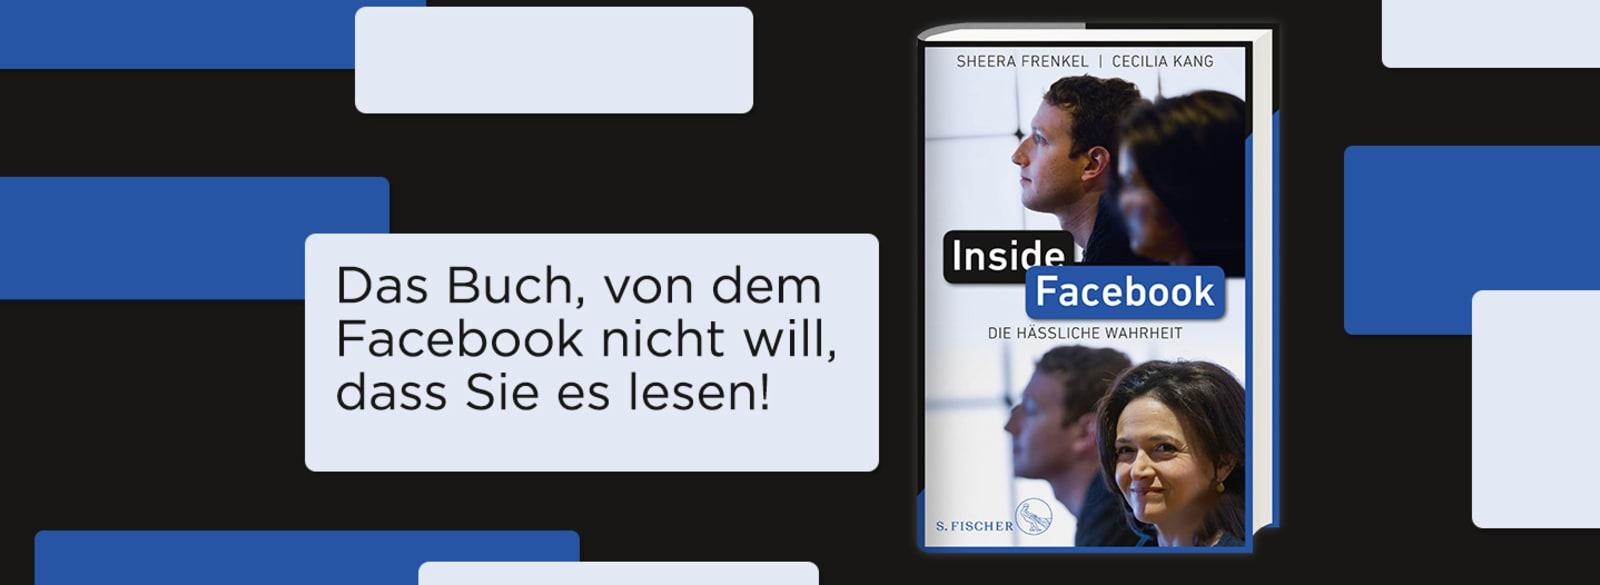 Frenkel Inside Facebook HC